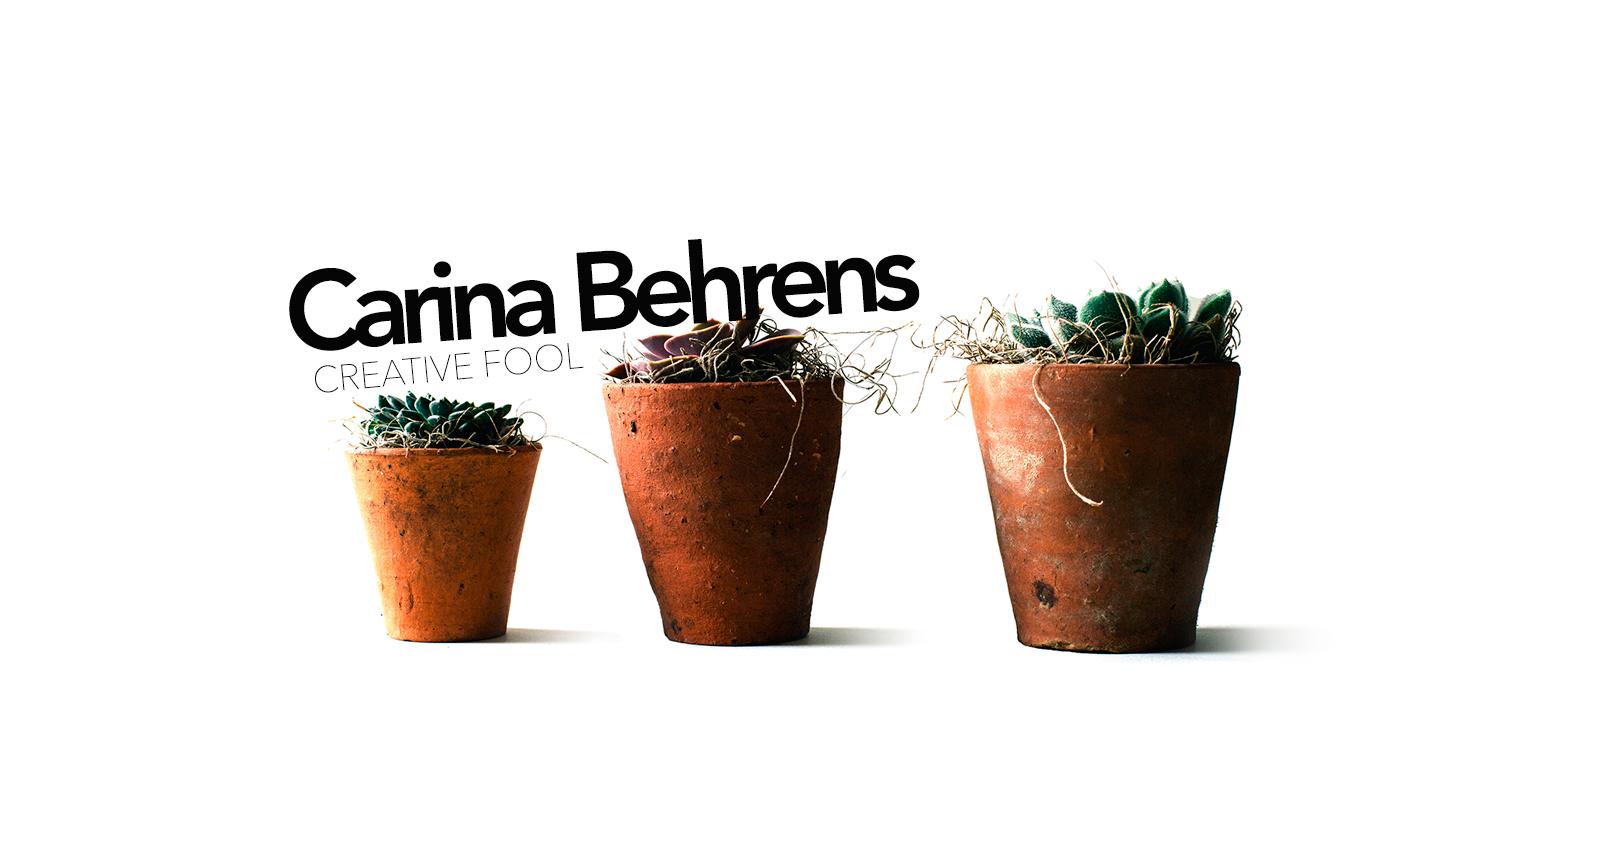 Carina Behrens